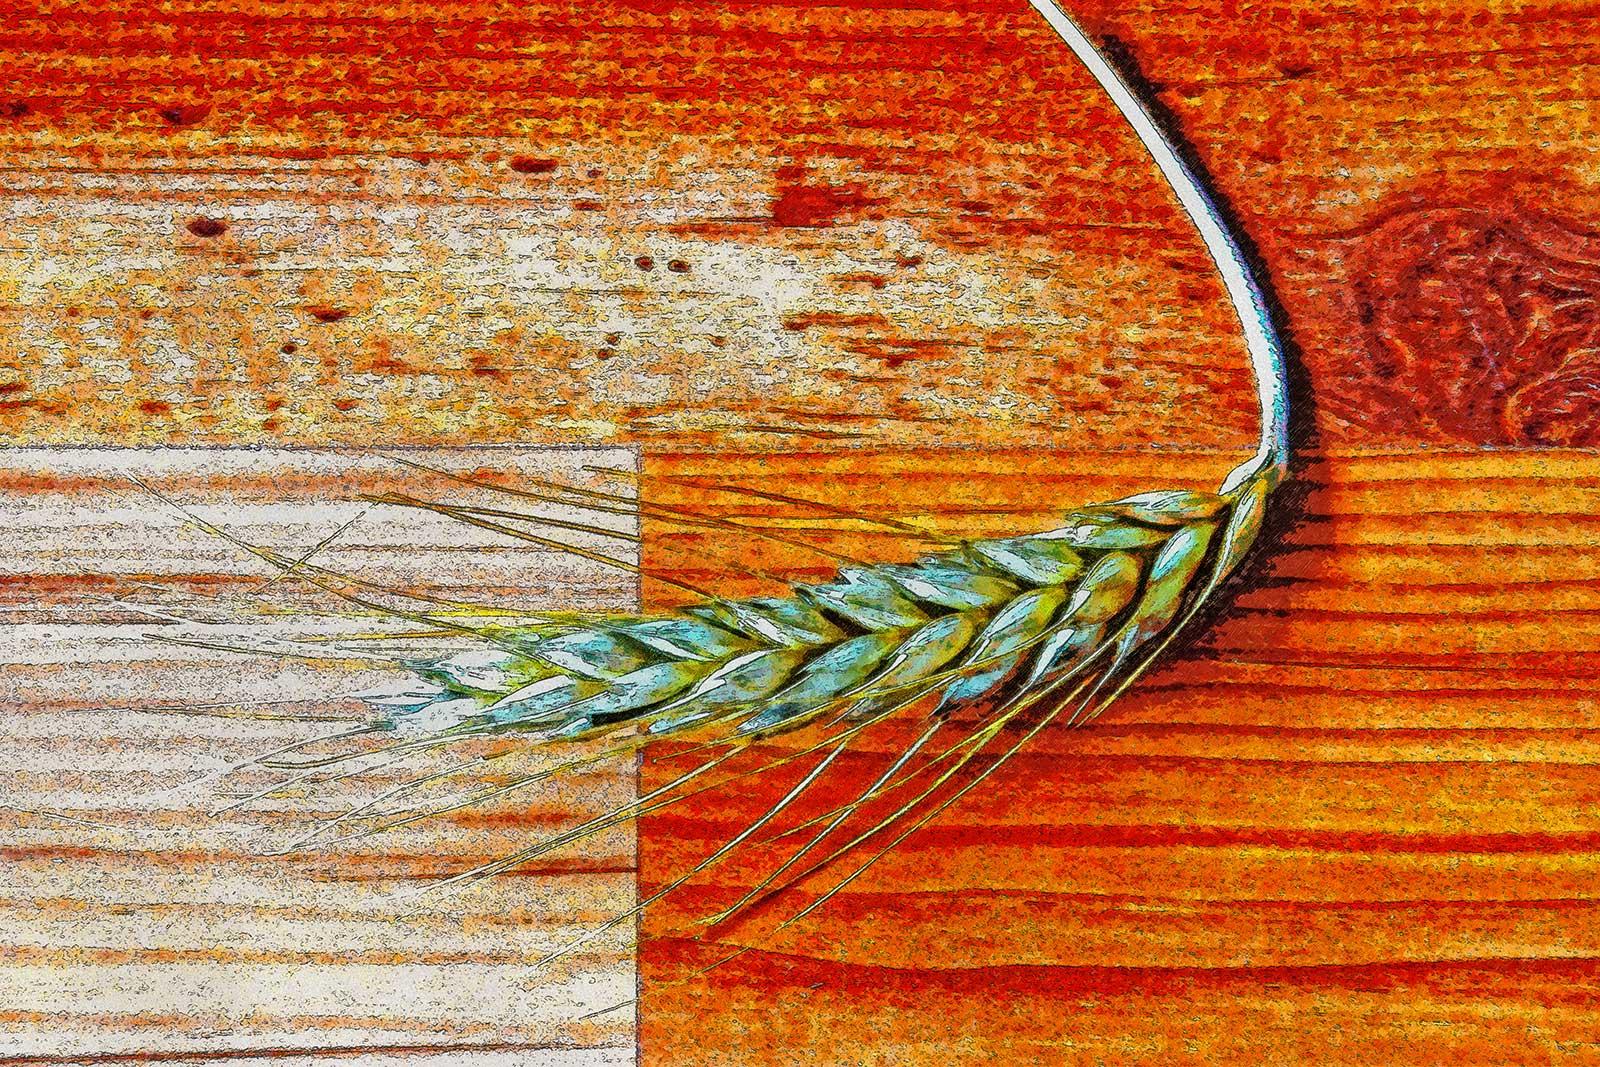 Ear of corn on a woodstrip floor